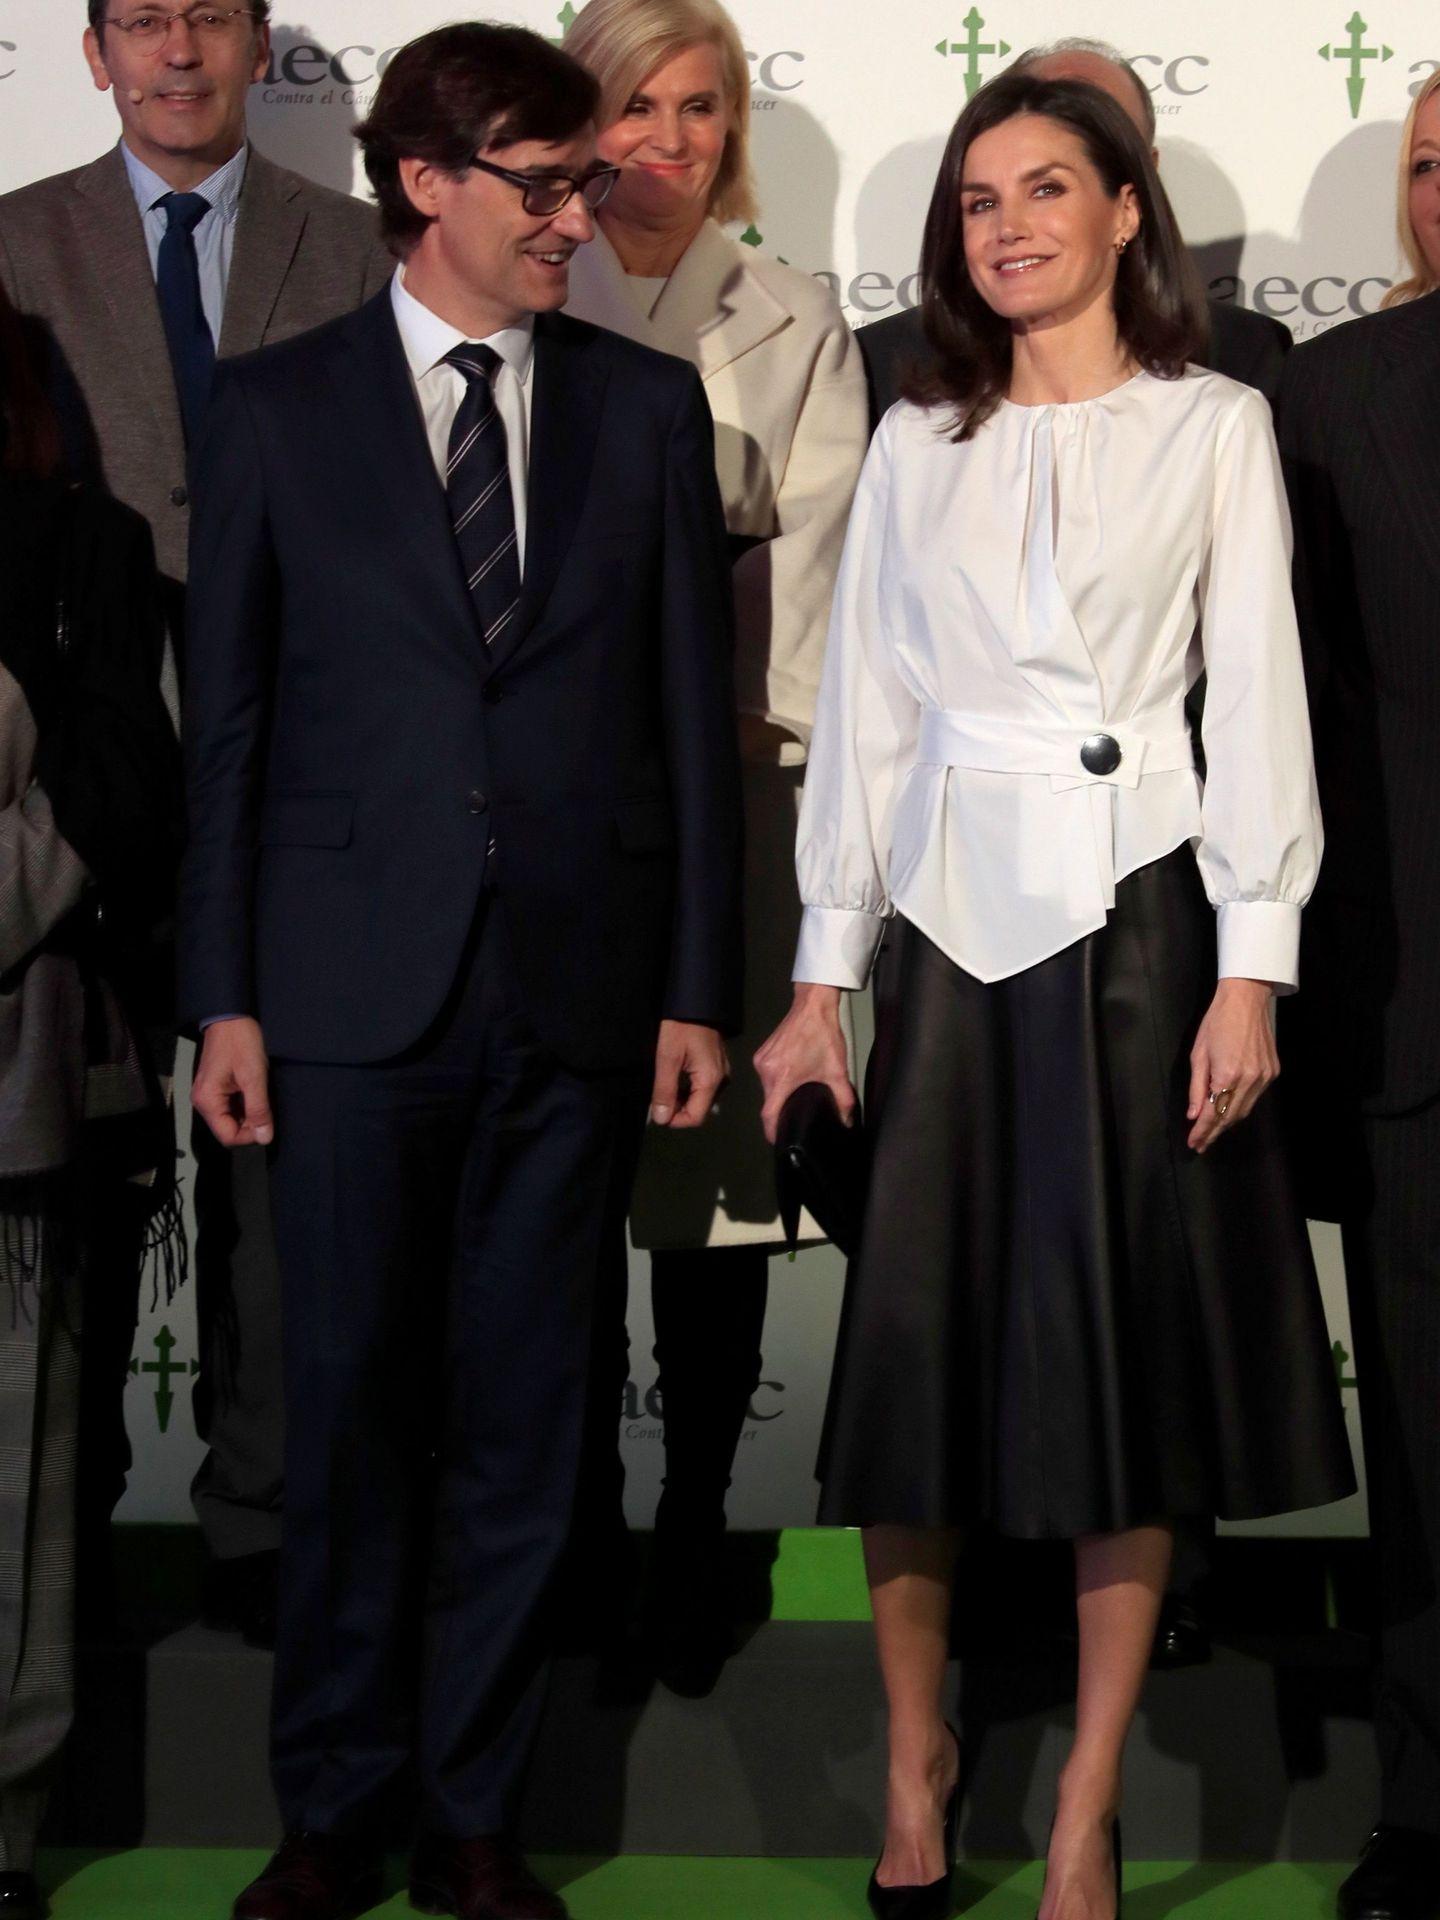 La reina Letizia, en el IX Foro contra el Cáncer, el martes pasado. (EFE)